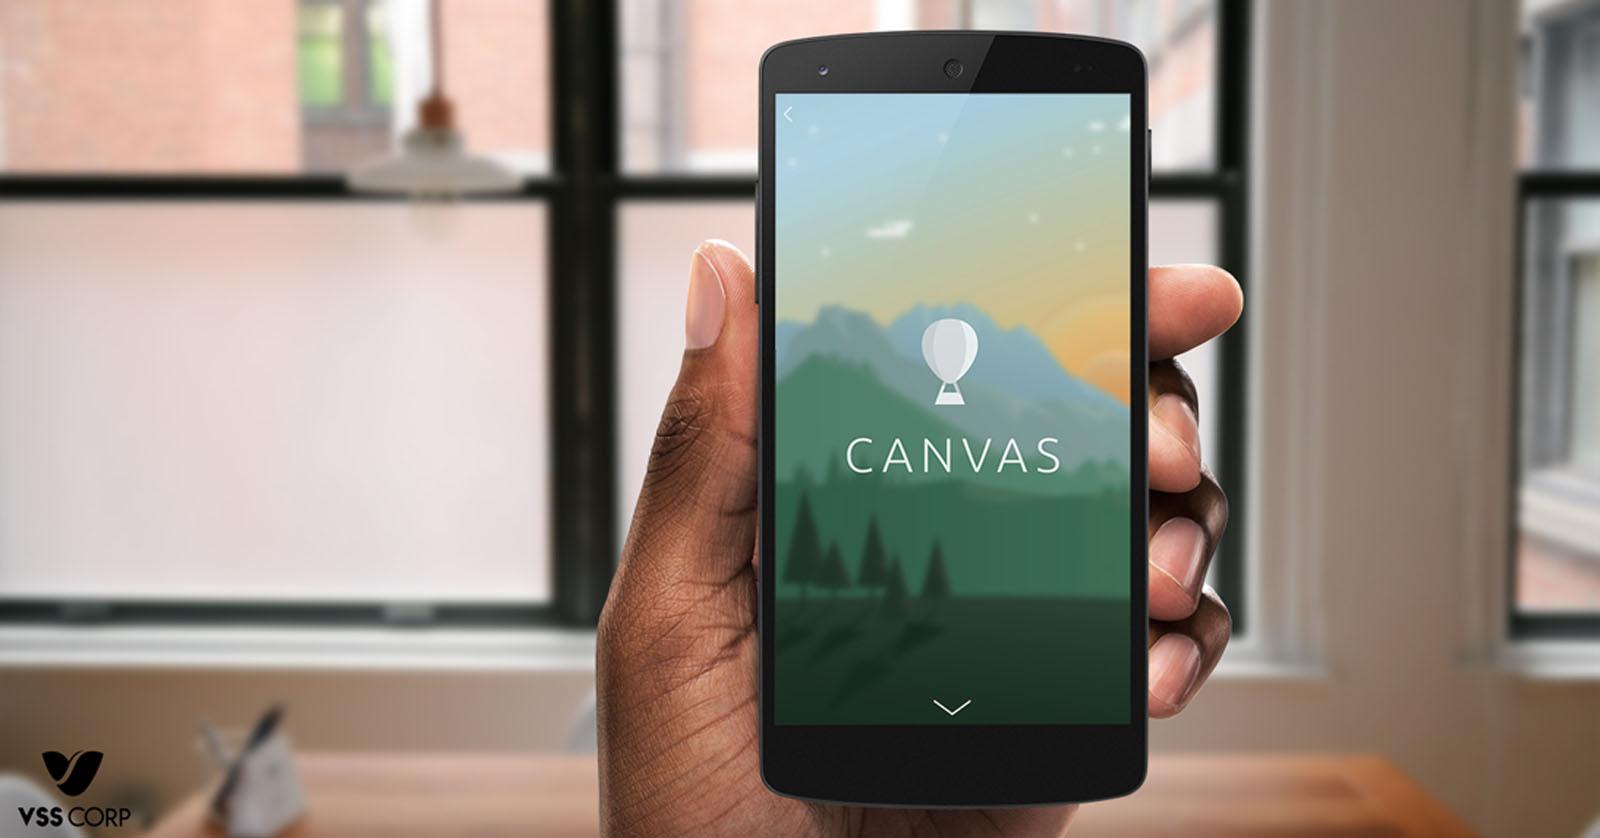 Tạo một quảng cáo Canvas hấp dẫn